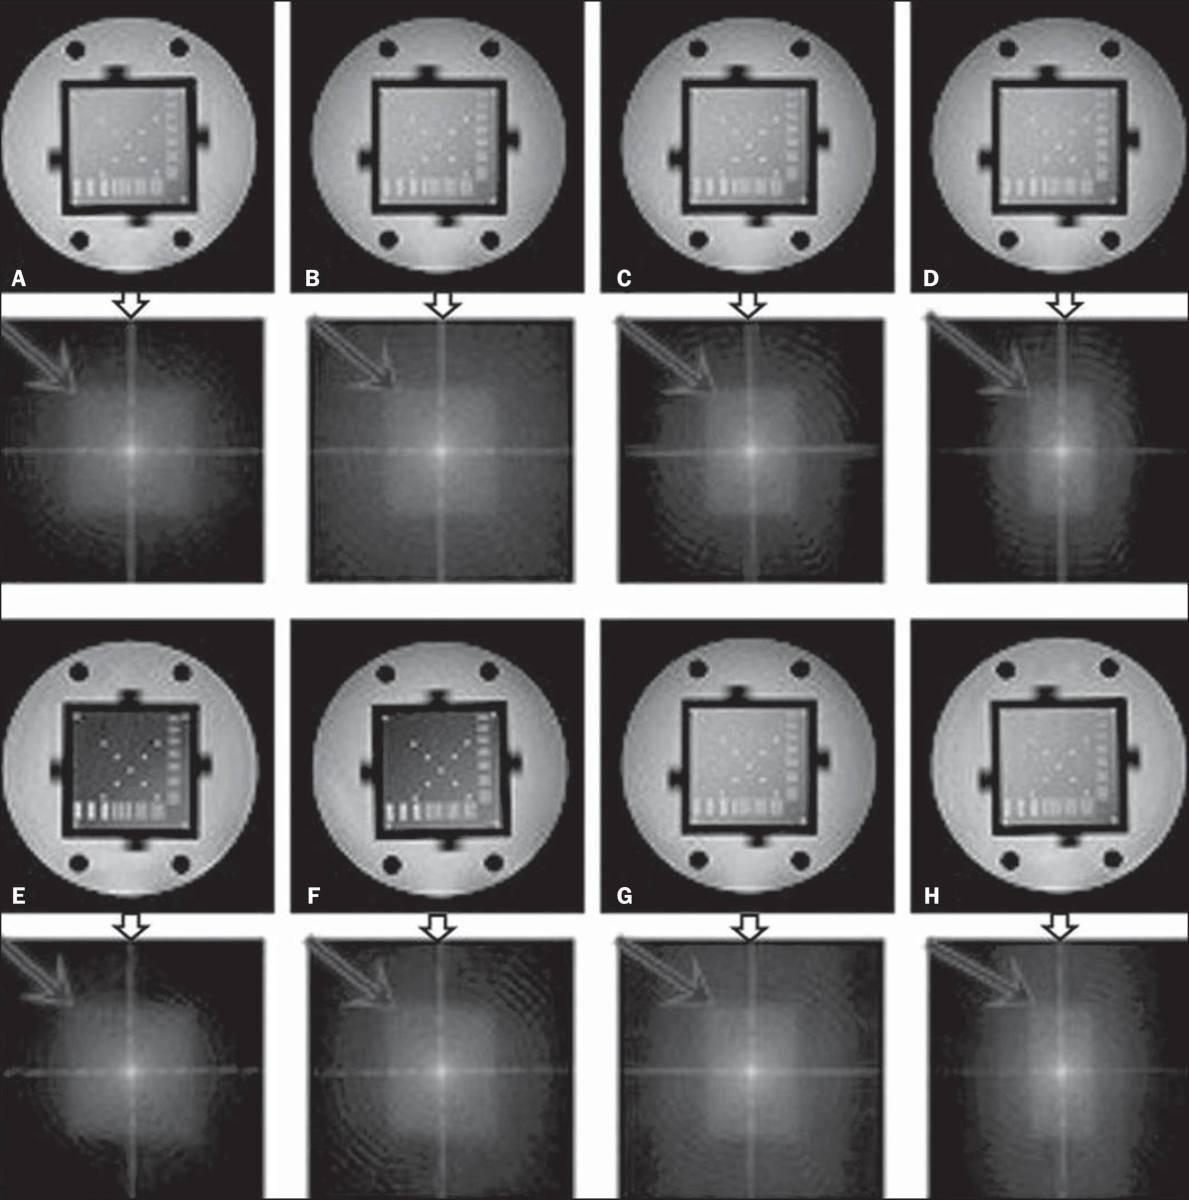 Influência do preenchimento parcial do espaço K na qualidade da imagem de ressonância magnética